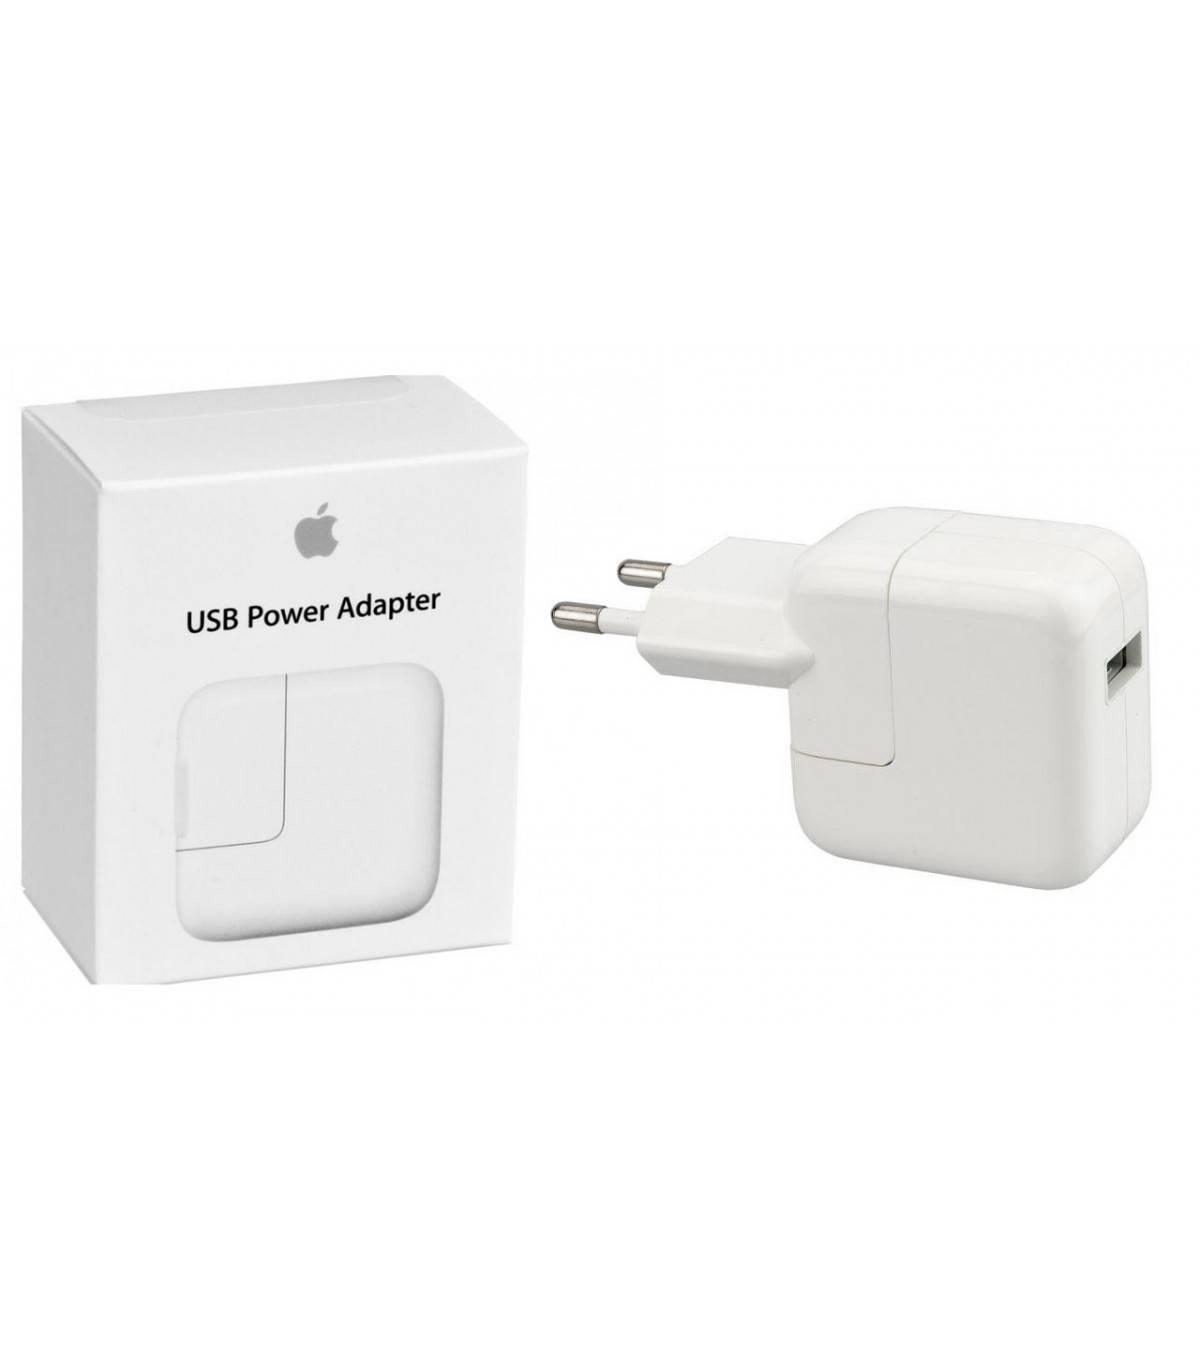 01e8f67ed99 Cargador de Red Original Apple MD836ZM/A 12W para iPhone, iPod, iPad, Air,  Mini, Pro - Blister